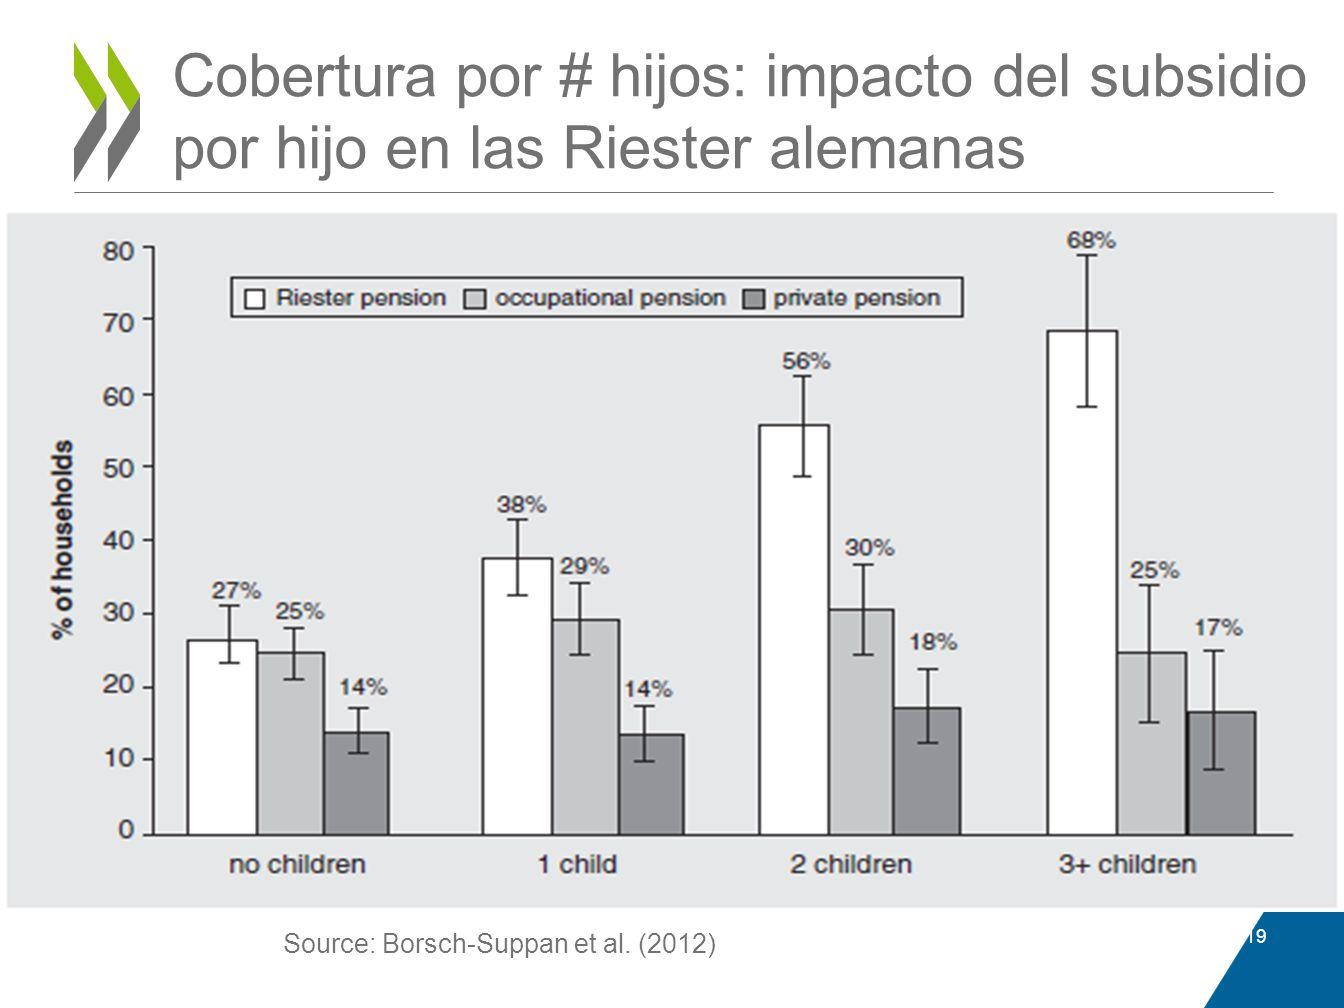 Cobertura por # hijos: impacto del subsidio por hijo en las Riester alemanas 19 Source: Borsch-Suppan et al. (2012)